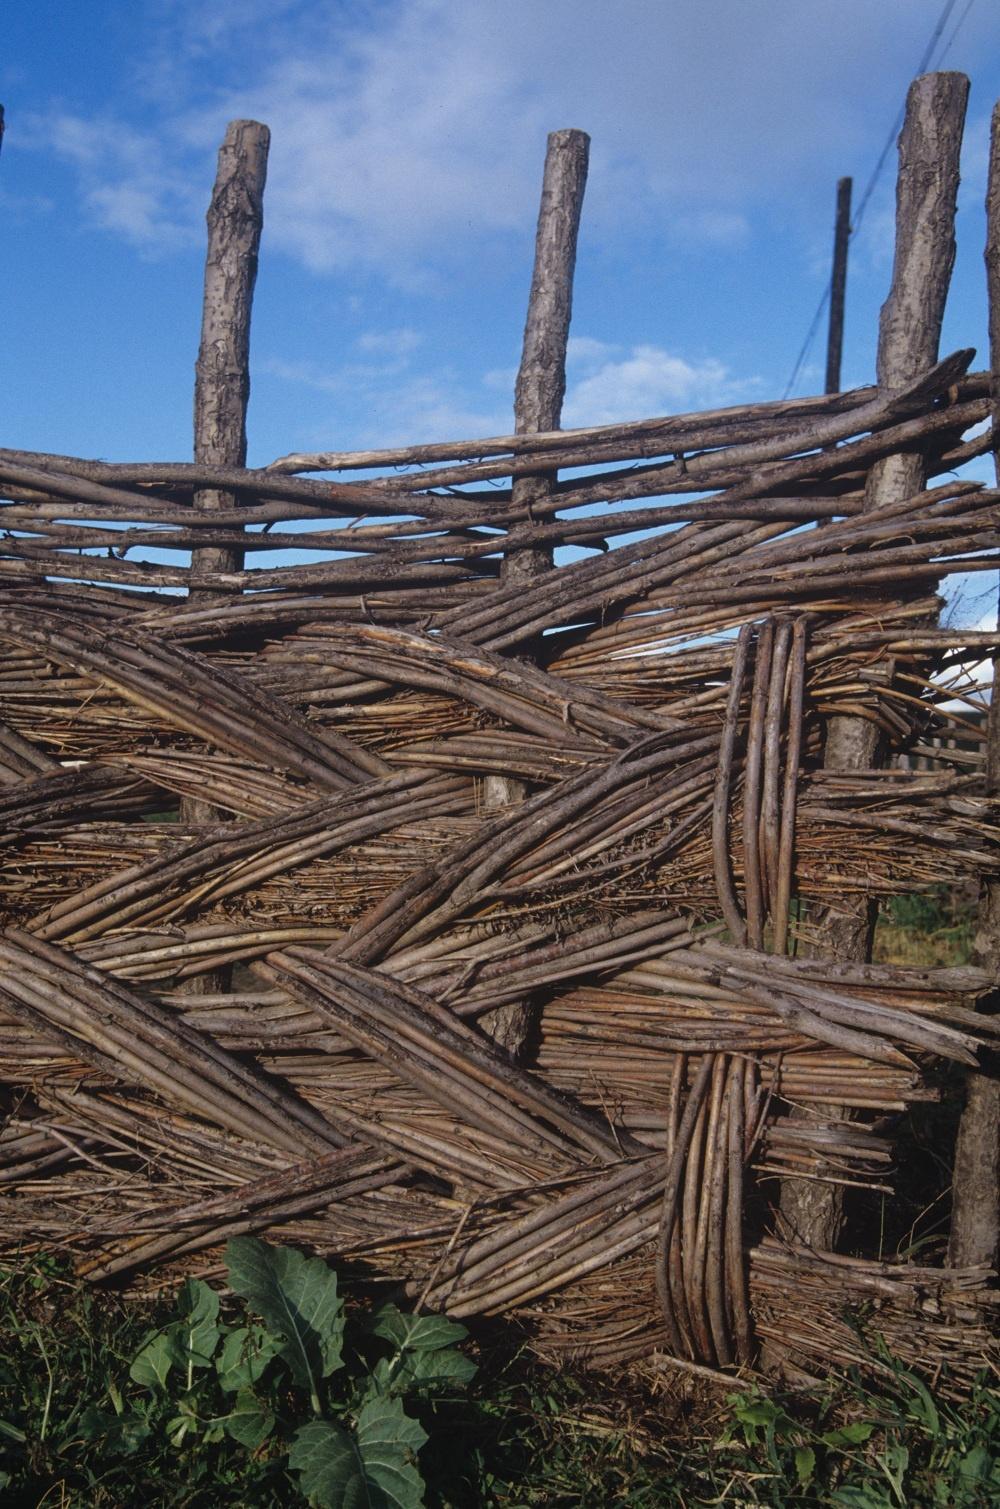 Prepletať, zapletať! Konárová asymetria má predsa len čosi do seba. Ľudskí kaderníci sa tentoraz riadne nadreli. Z vrkočov spanilej drevenej krásky vyrobili nevšedné oplotenie.